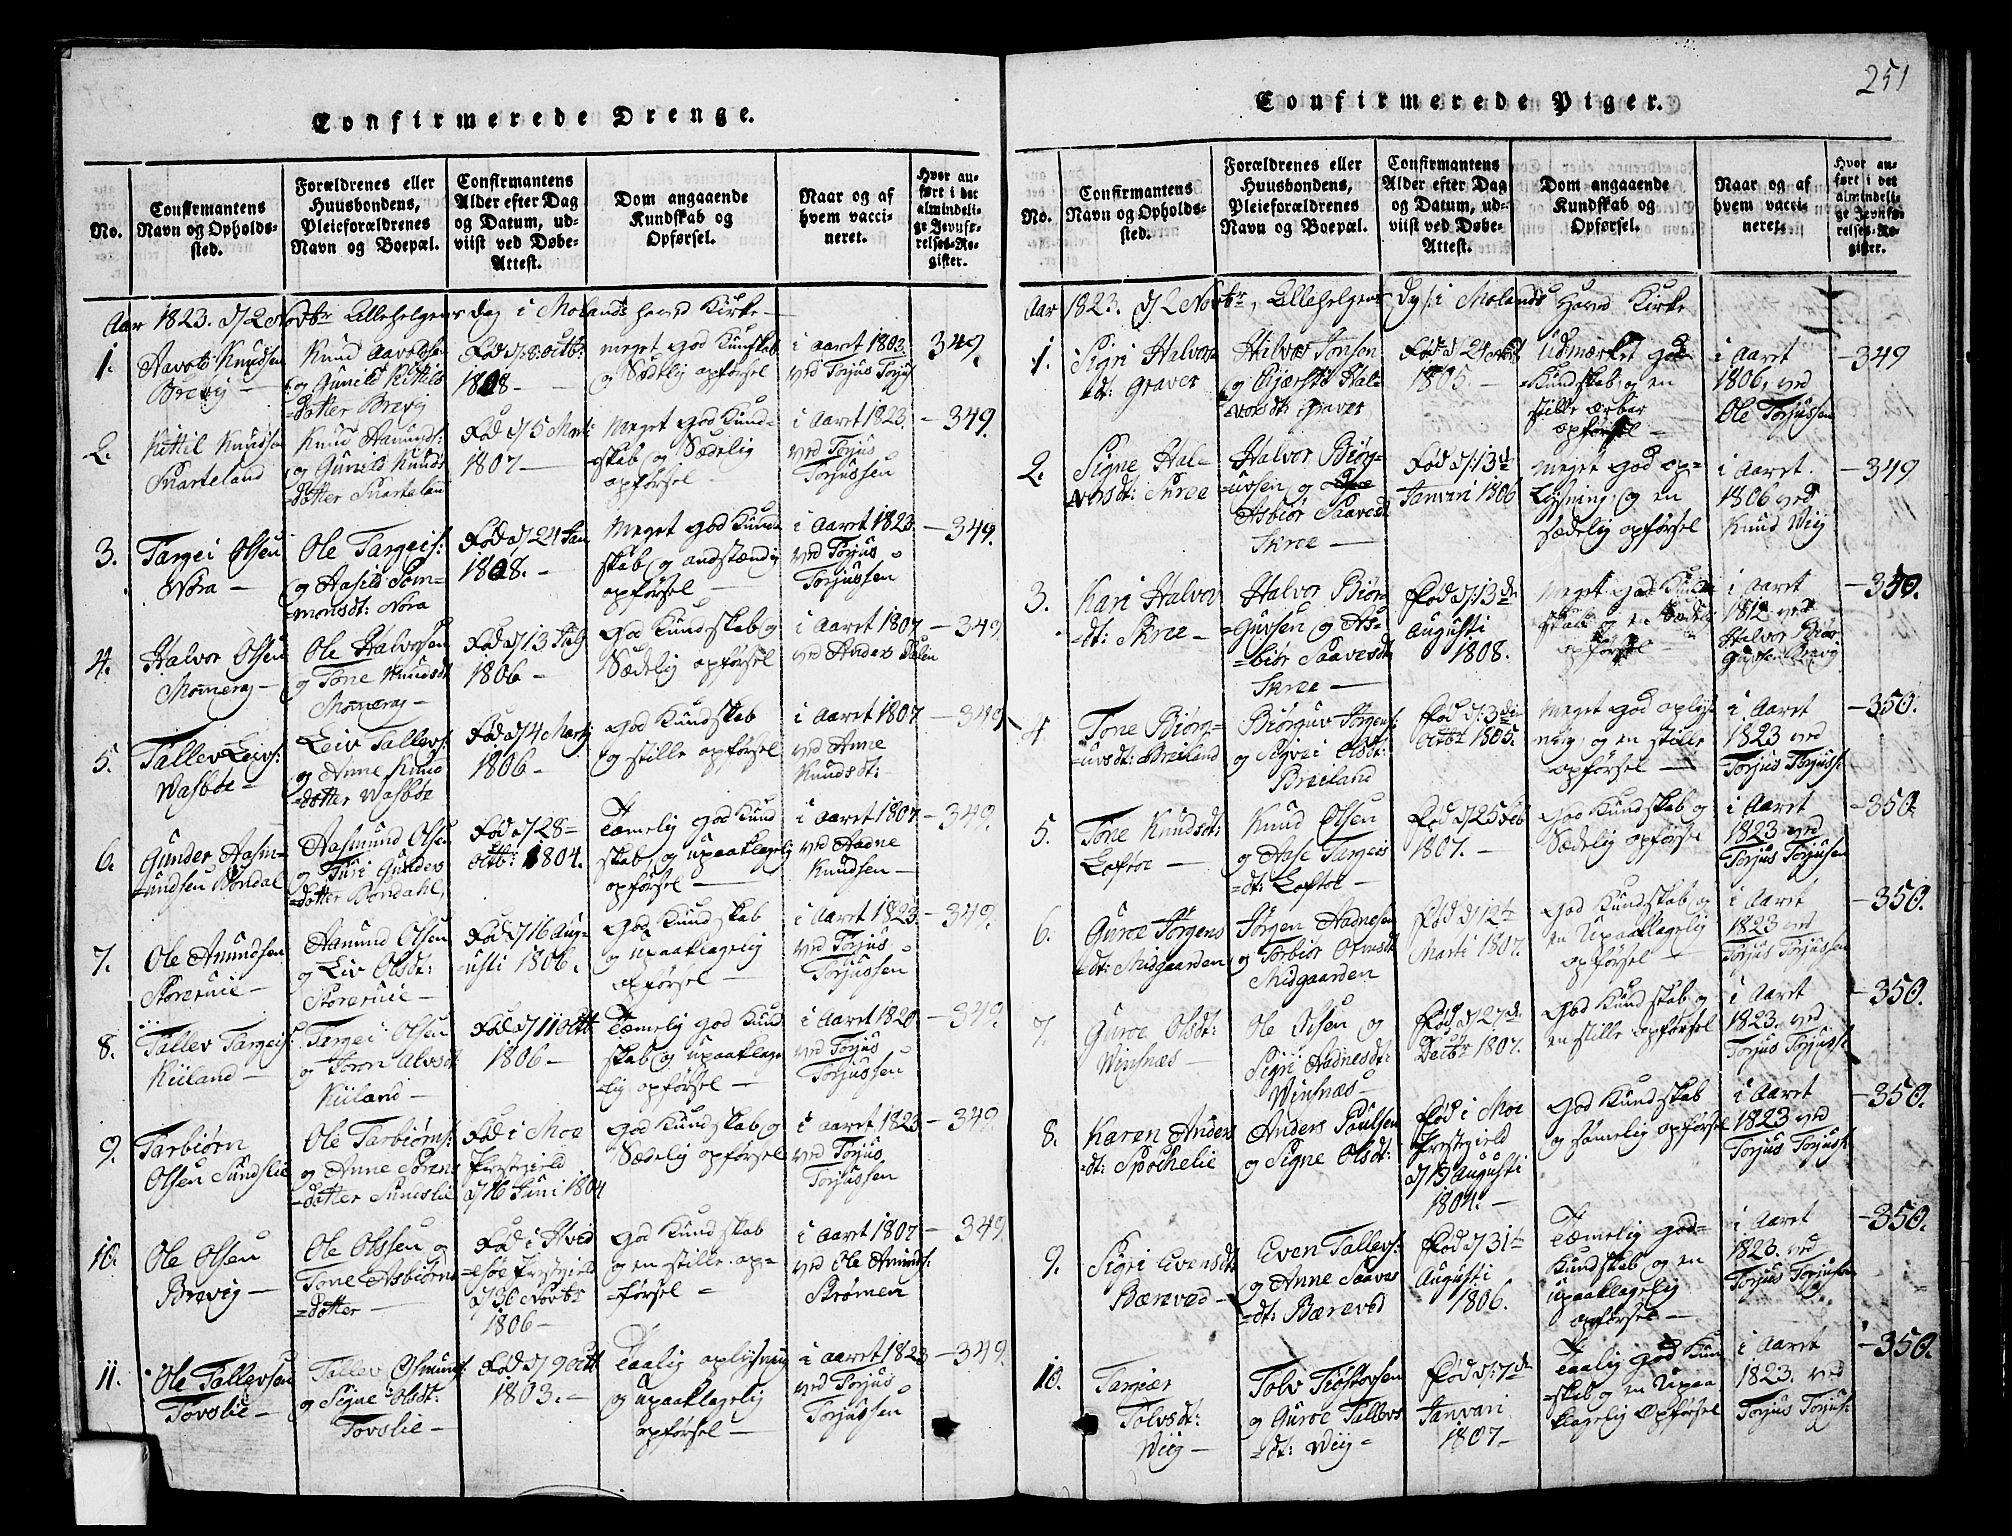 SAKO, Fyresdal kirkebøker, G/Ga/L0001: Klokkerbok nr. I 1, 1816-1840, s. 251